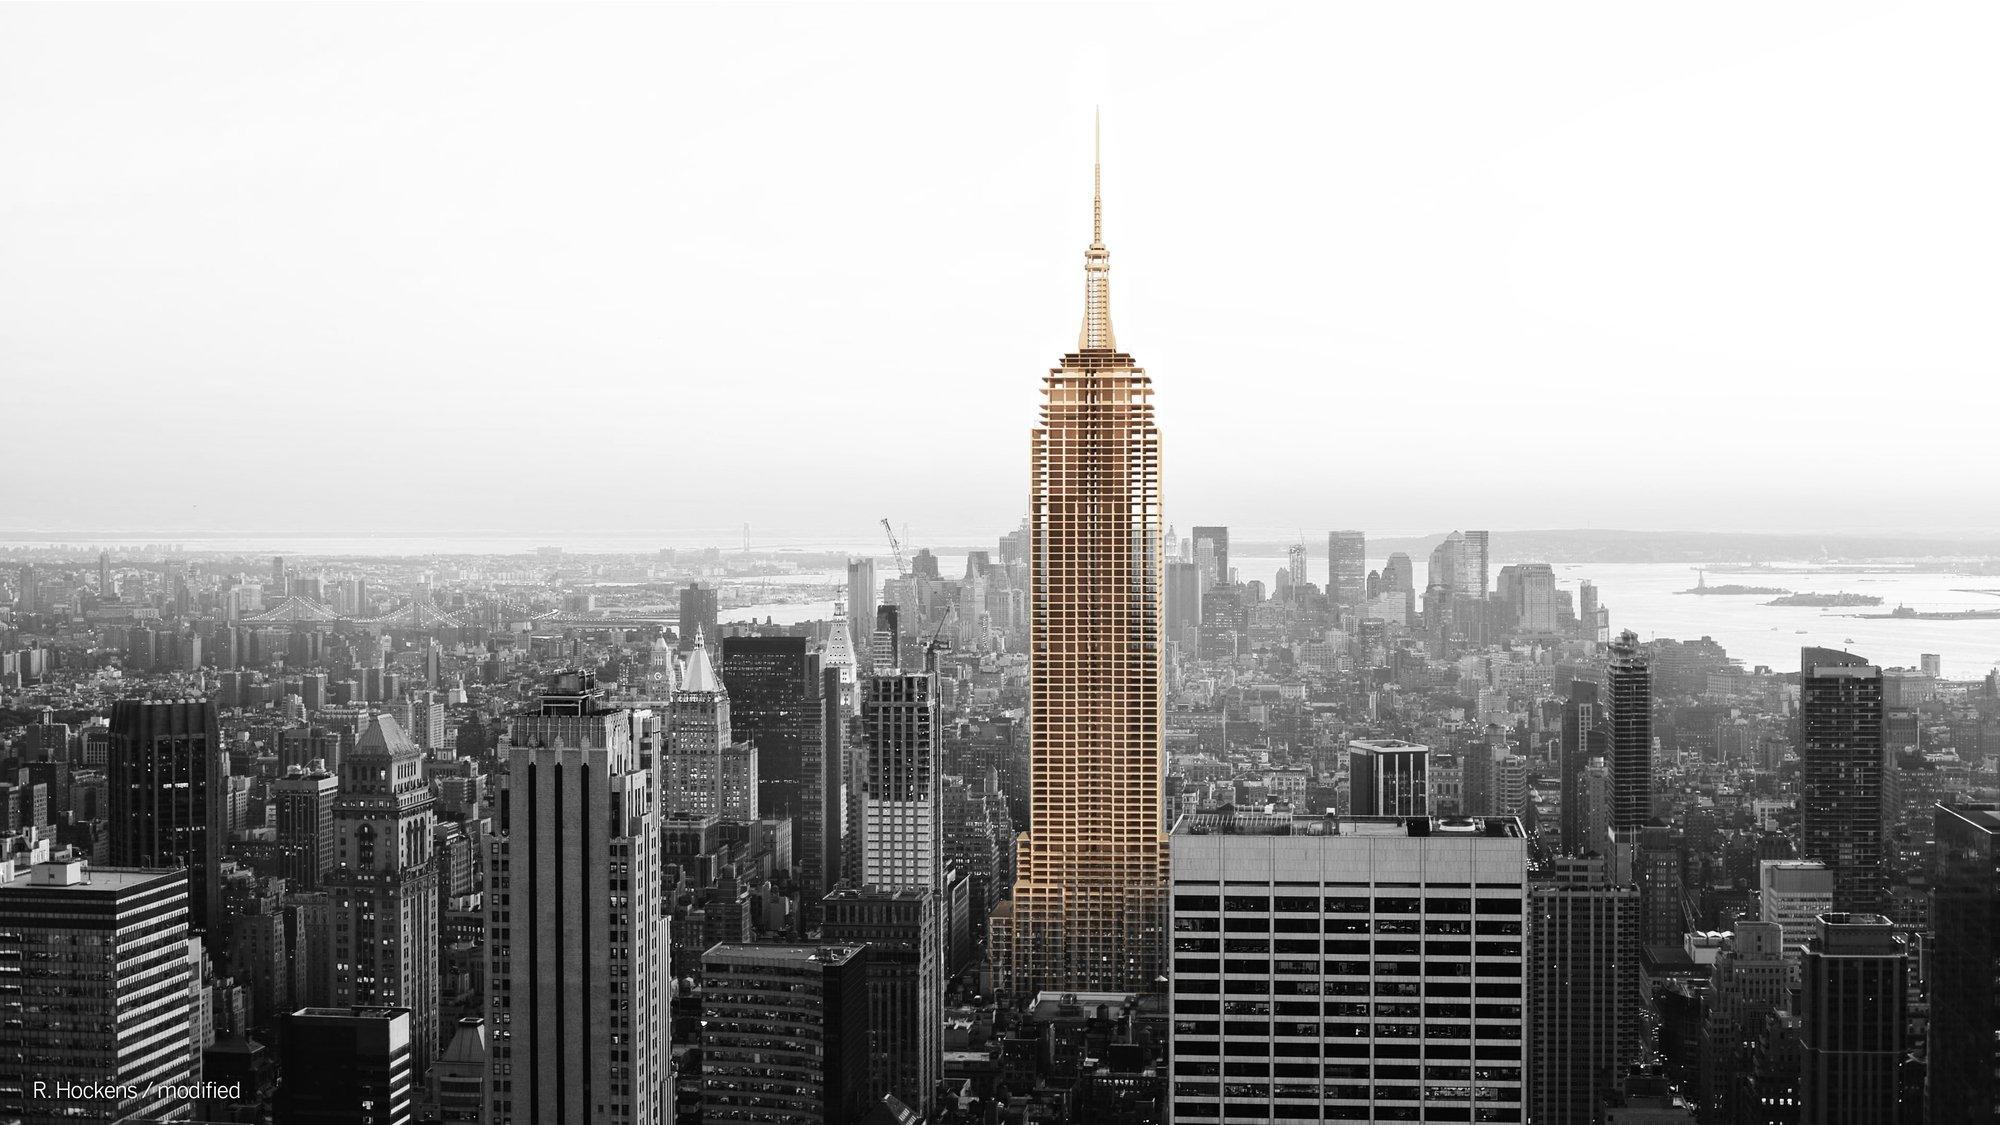 Metsä Wood, Empire State Building, wooden skyscrapers